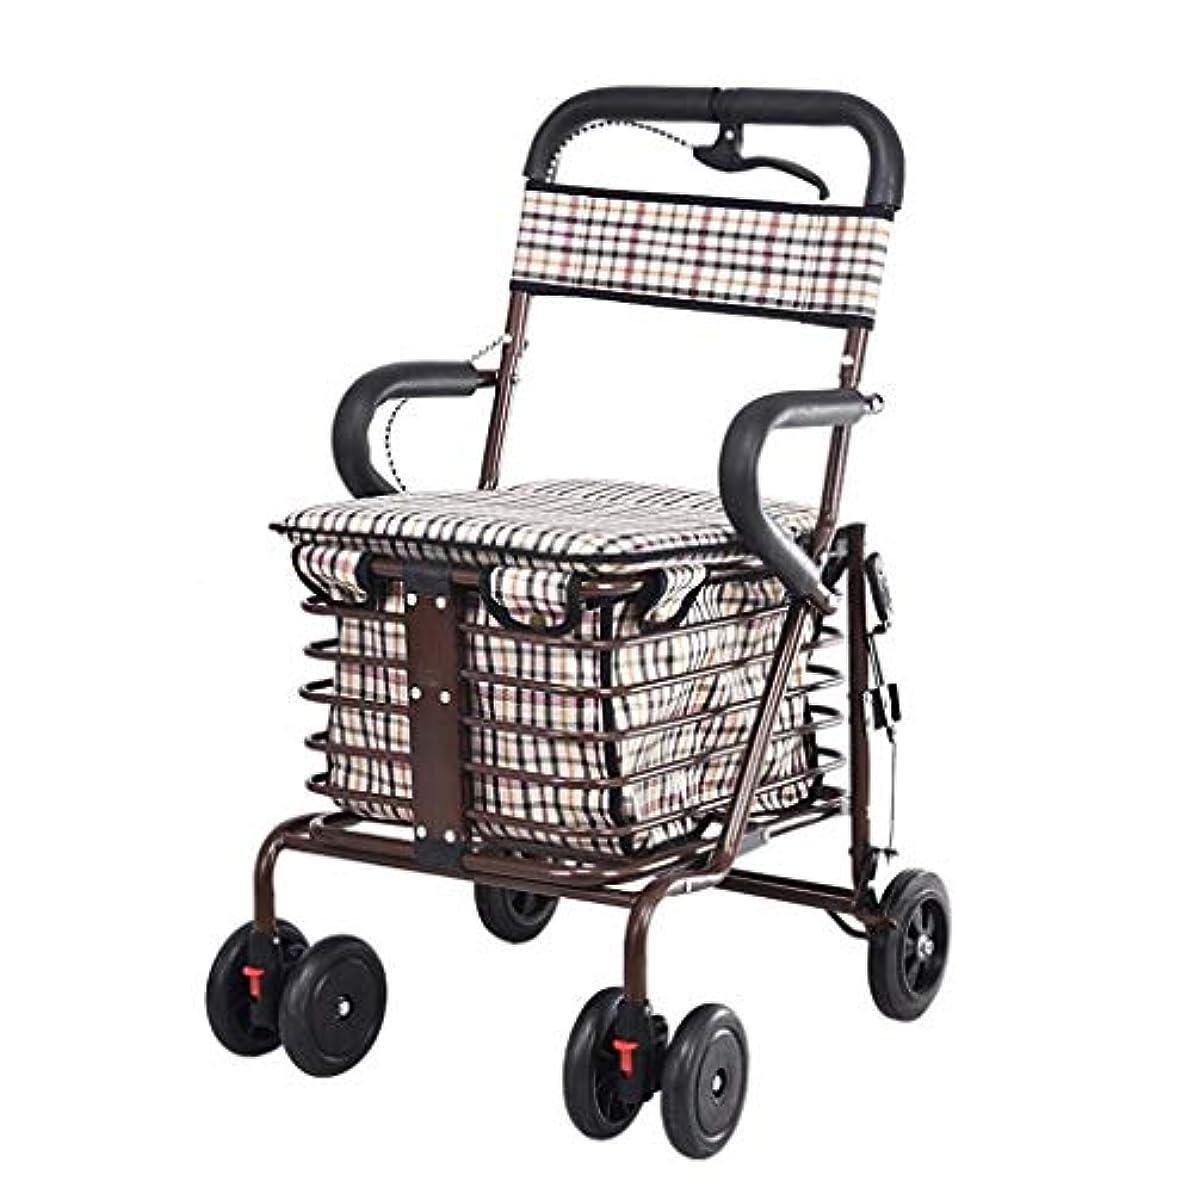 廃棄する属性憤る四輪歩行者、トロリー折りたたみショッピングカート軽量アルミニウム老人ベビーカー (Color : Color1)